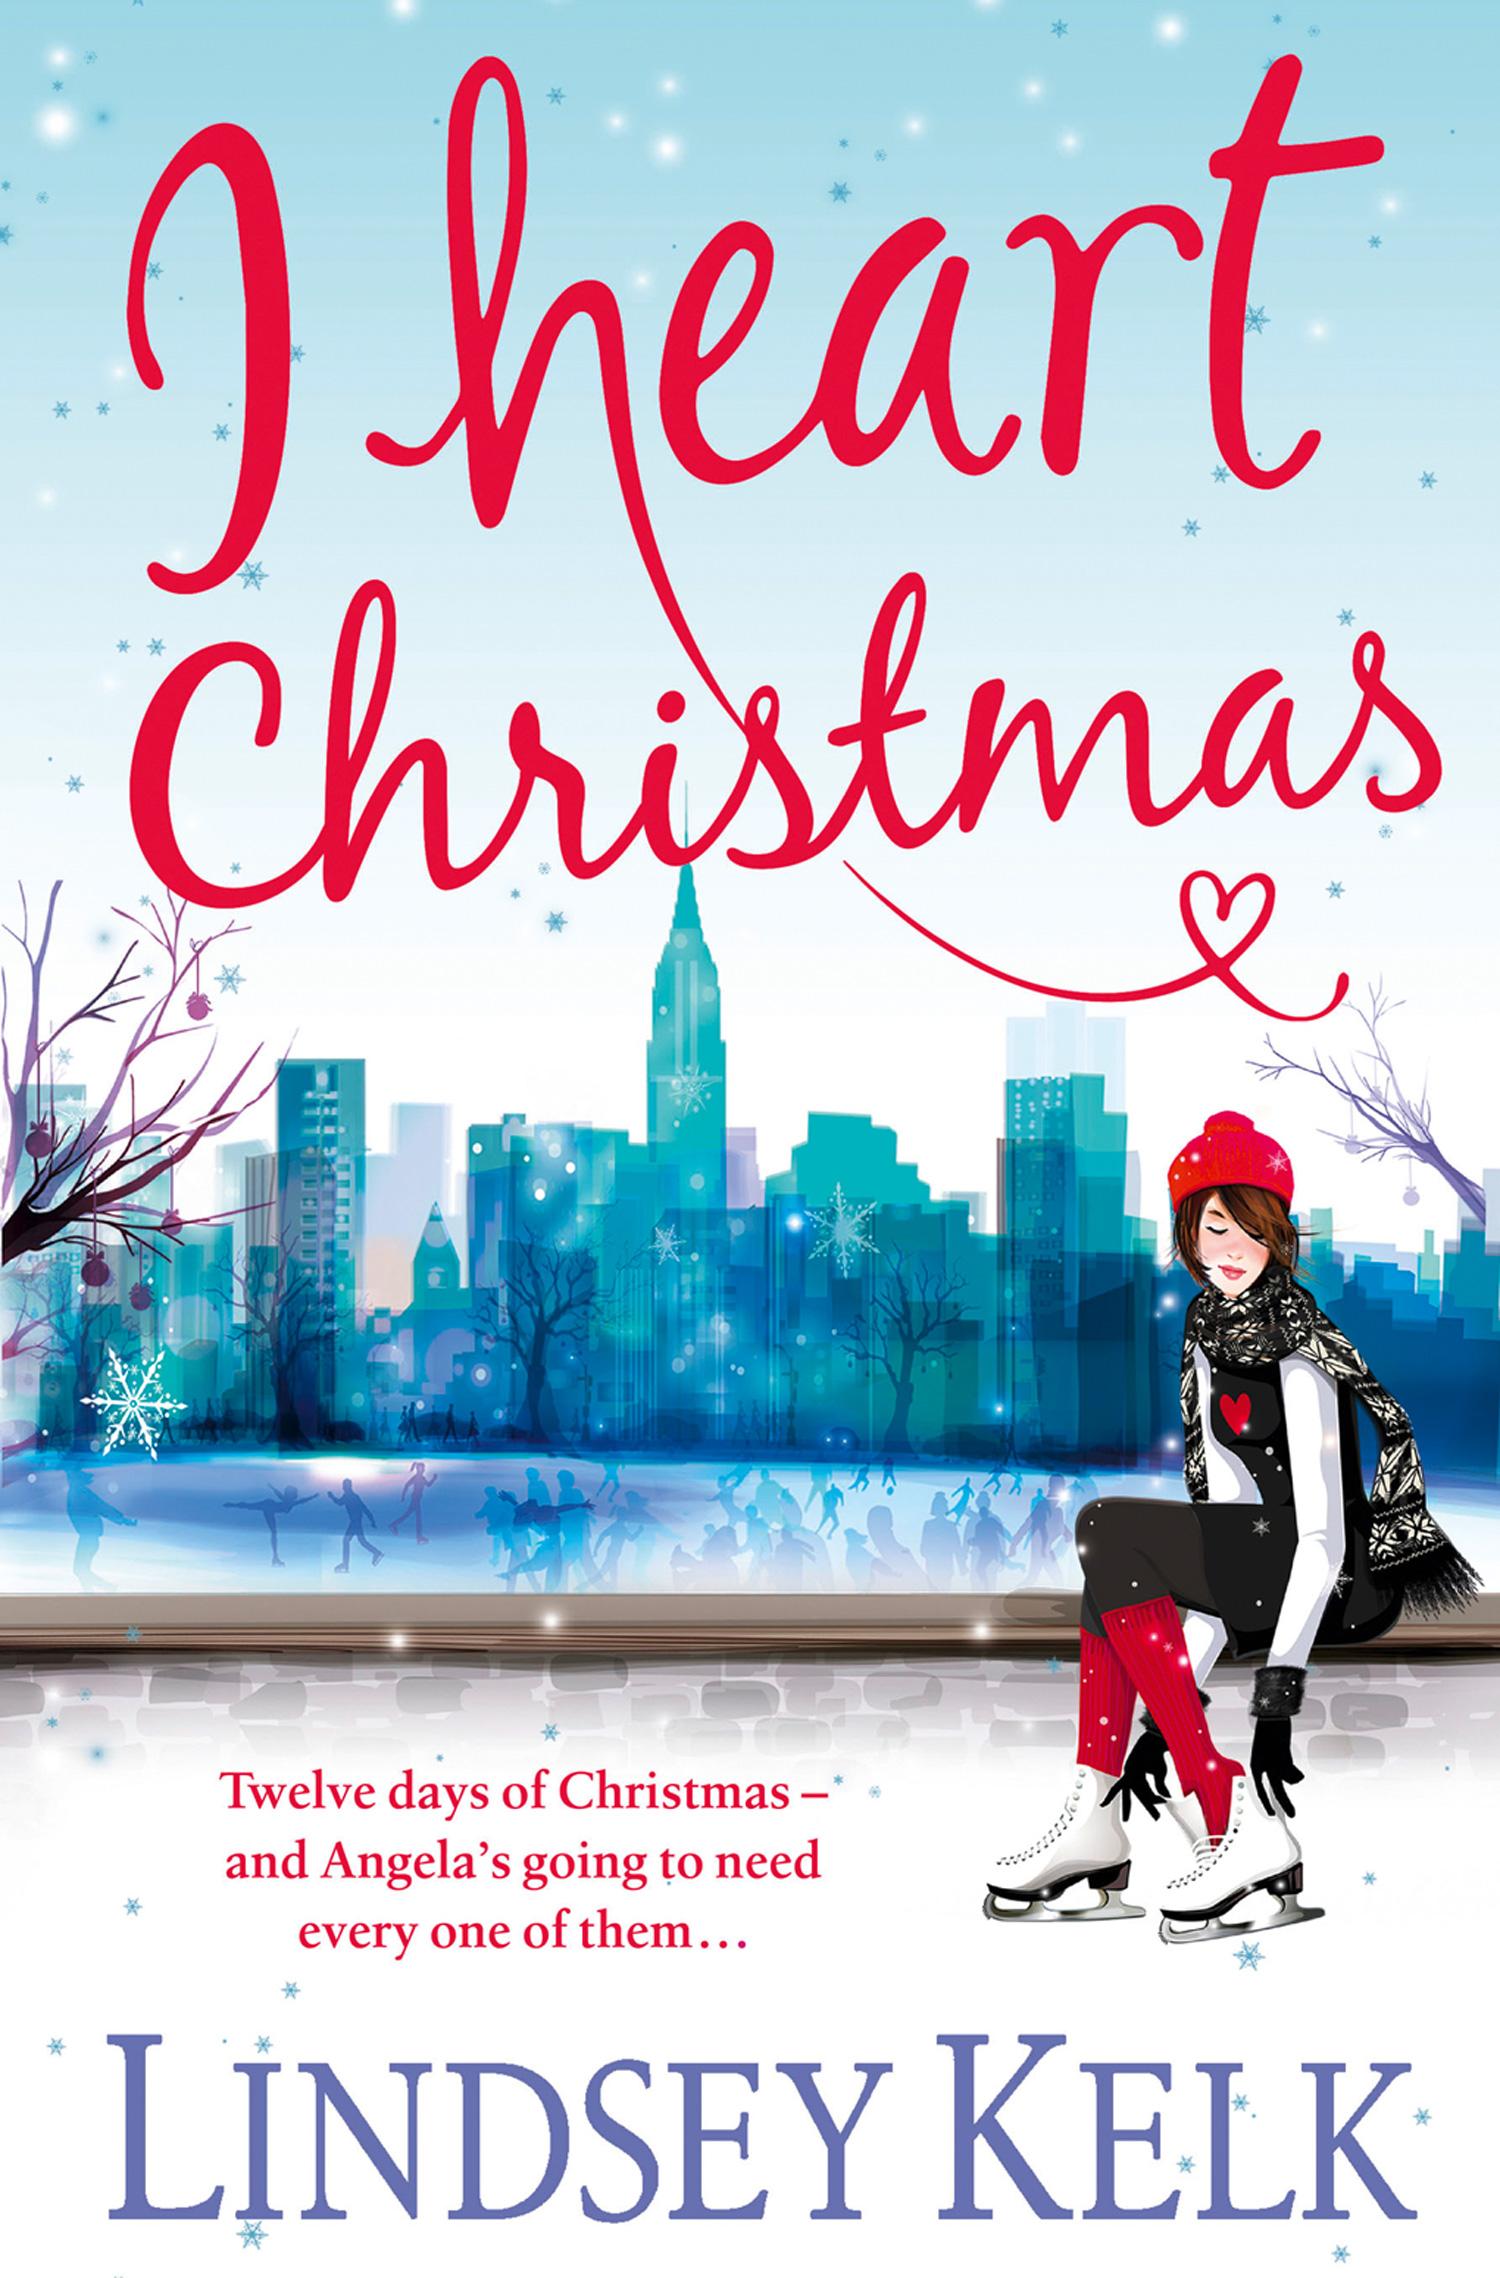 Iheart Christmas.Lindsey Kelk I Heart Christmas Chitat Onlajn Polnostyu